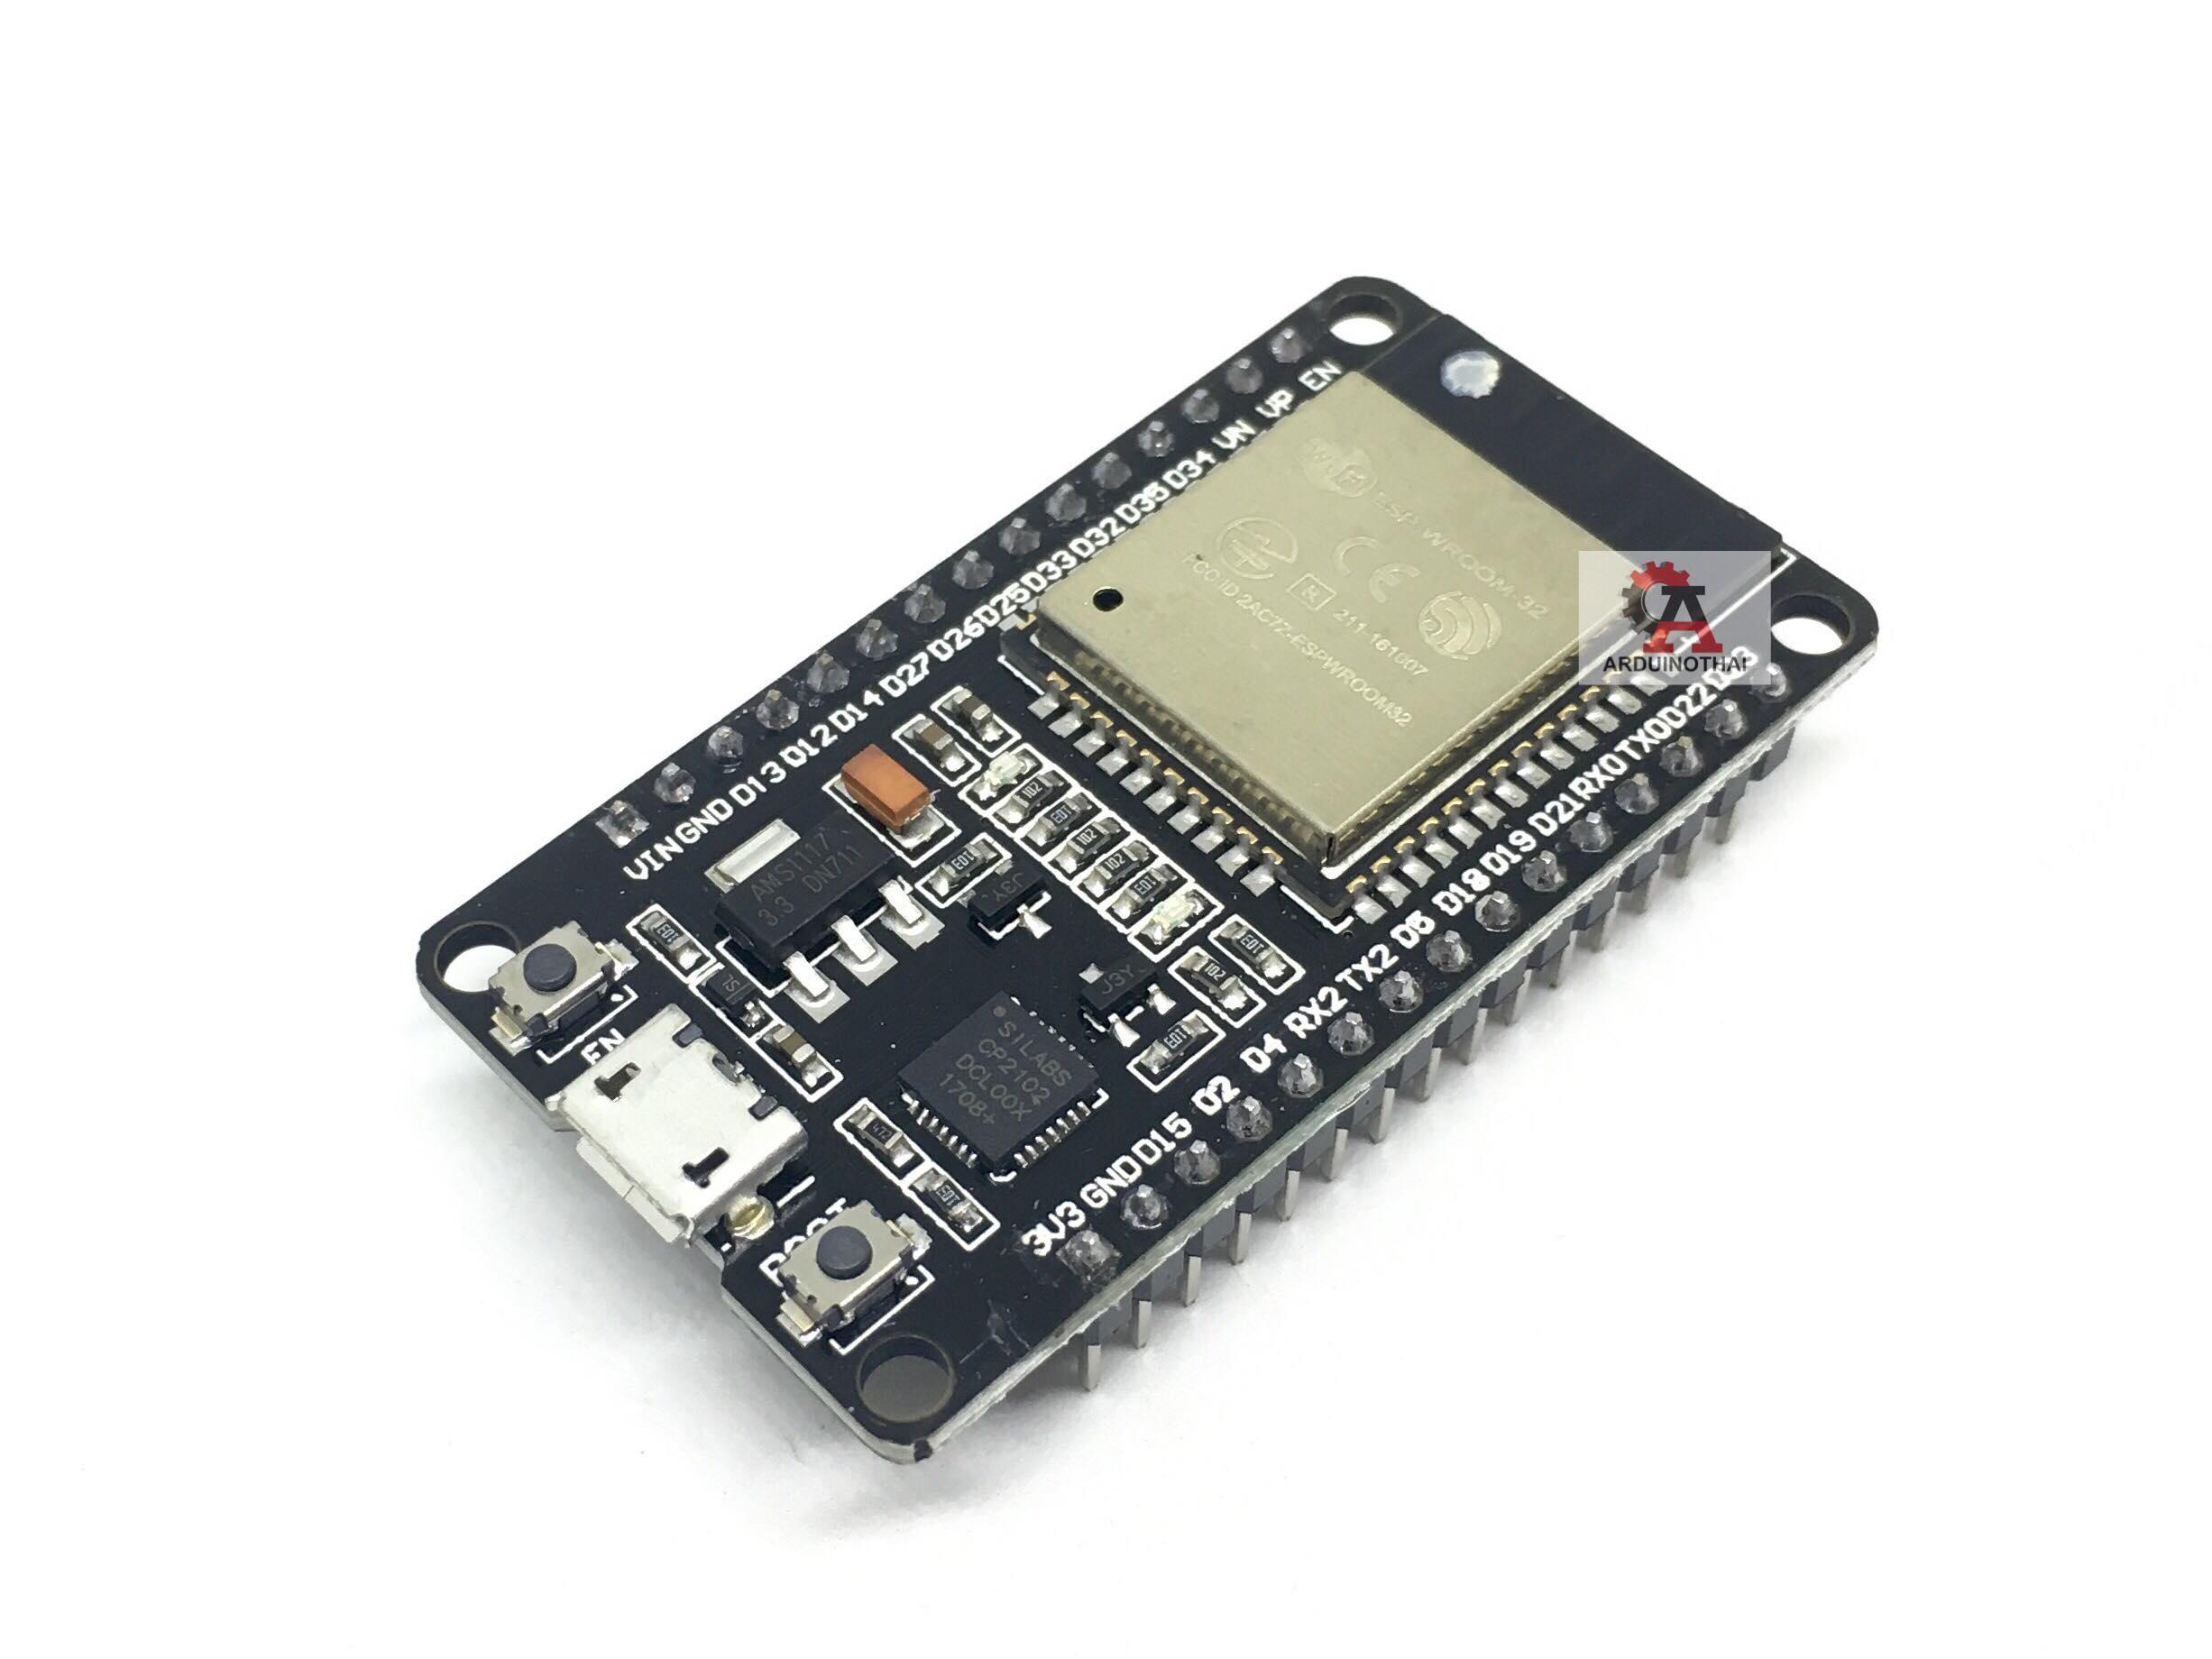 ESP32 development board (WIFI + Bluetooth 2 in 1 dual-core CPU low power)